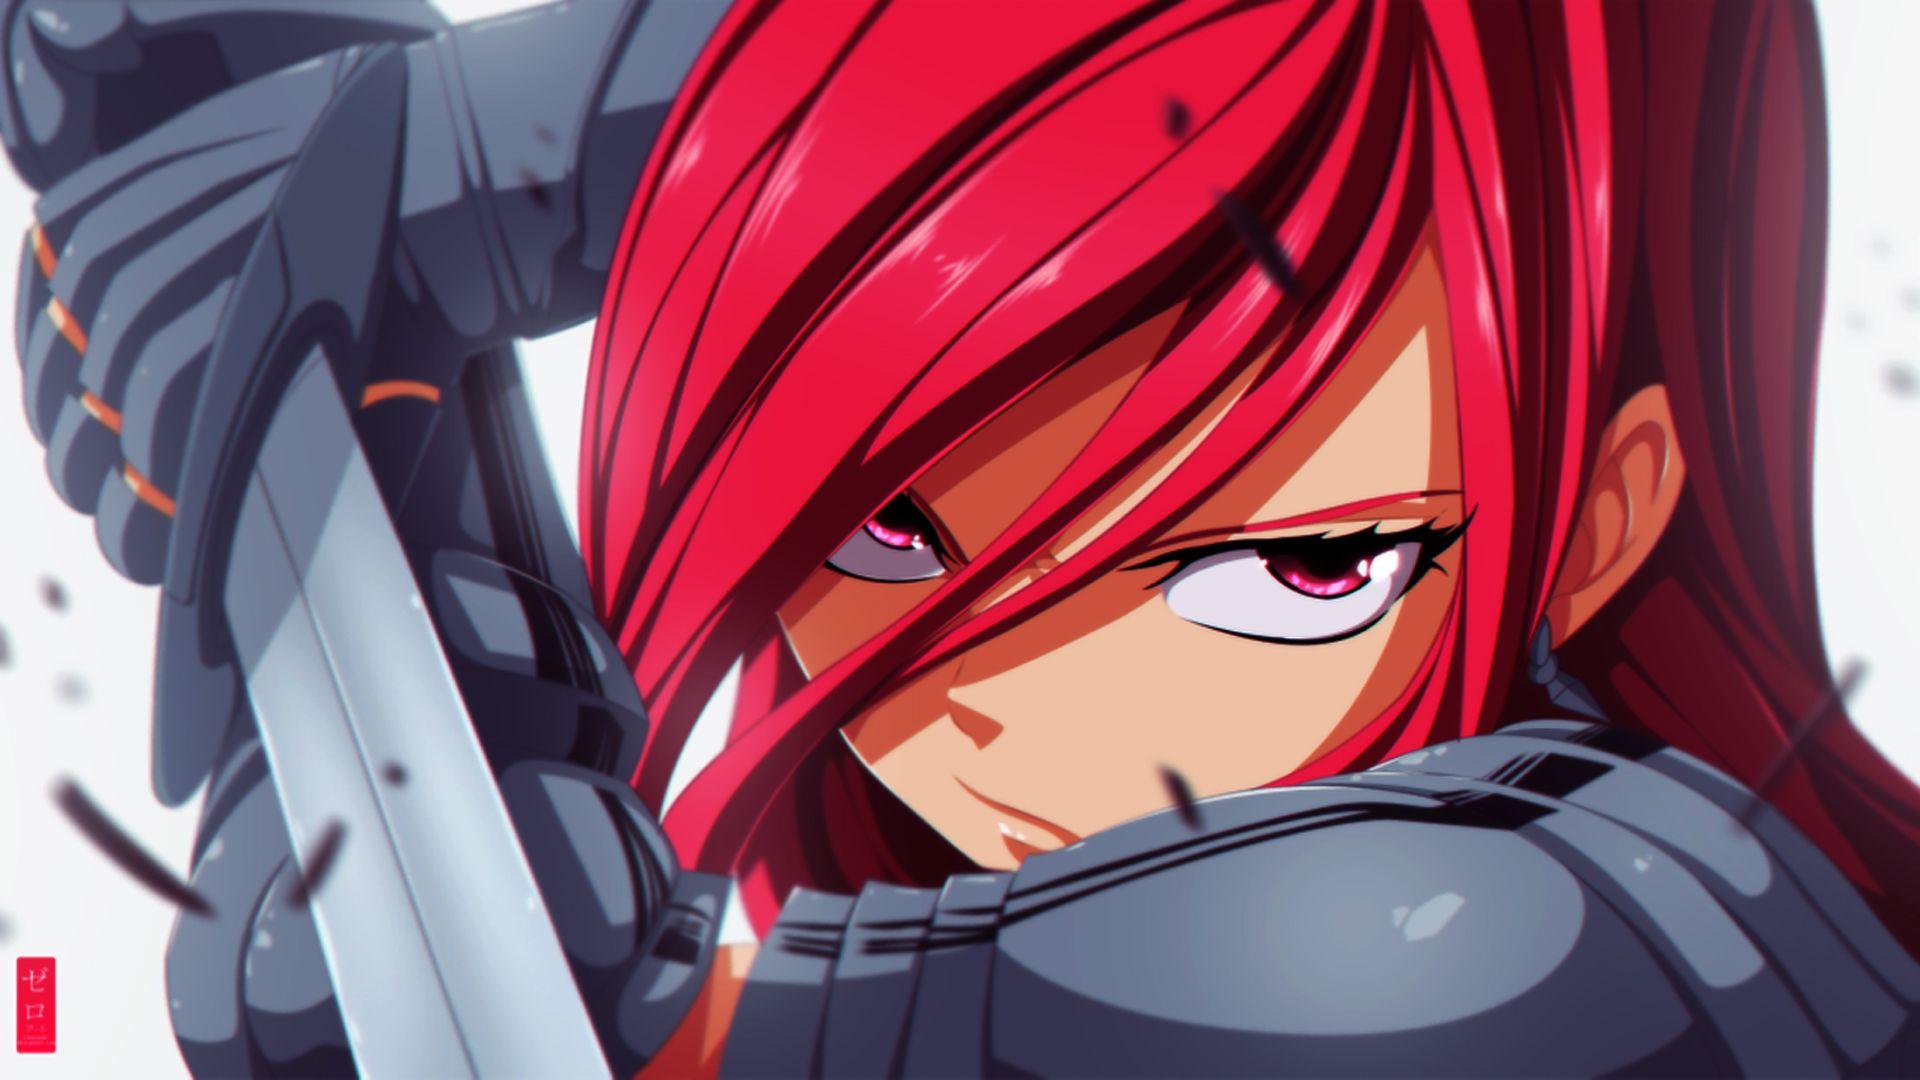 Erza Scarlet Girl Anime HD Wallpaper Zeroooart 1920×1080